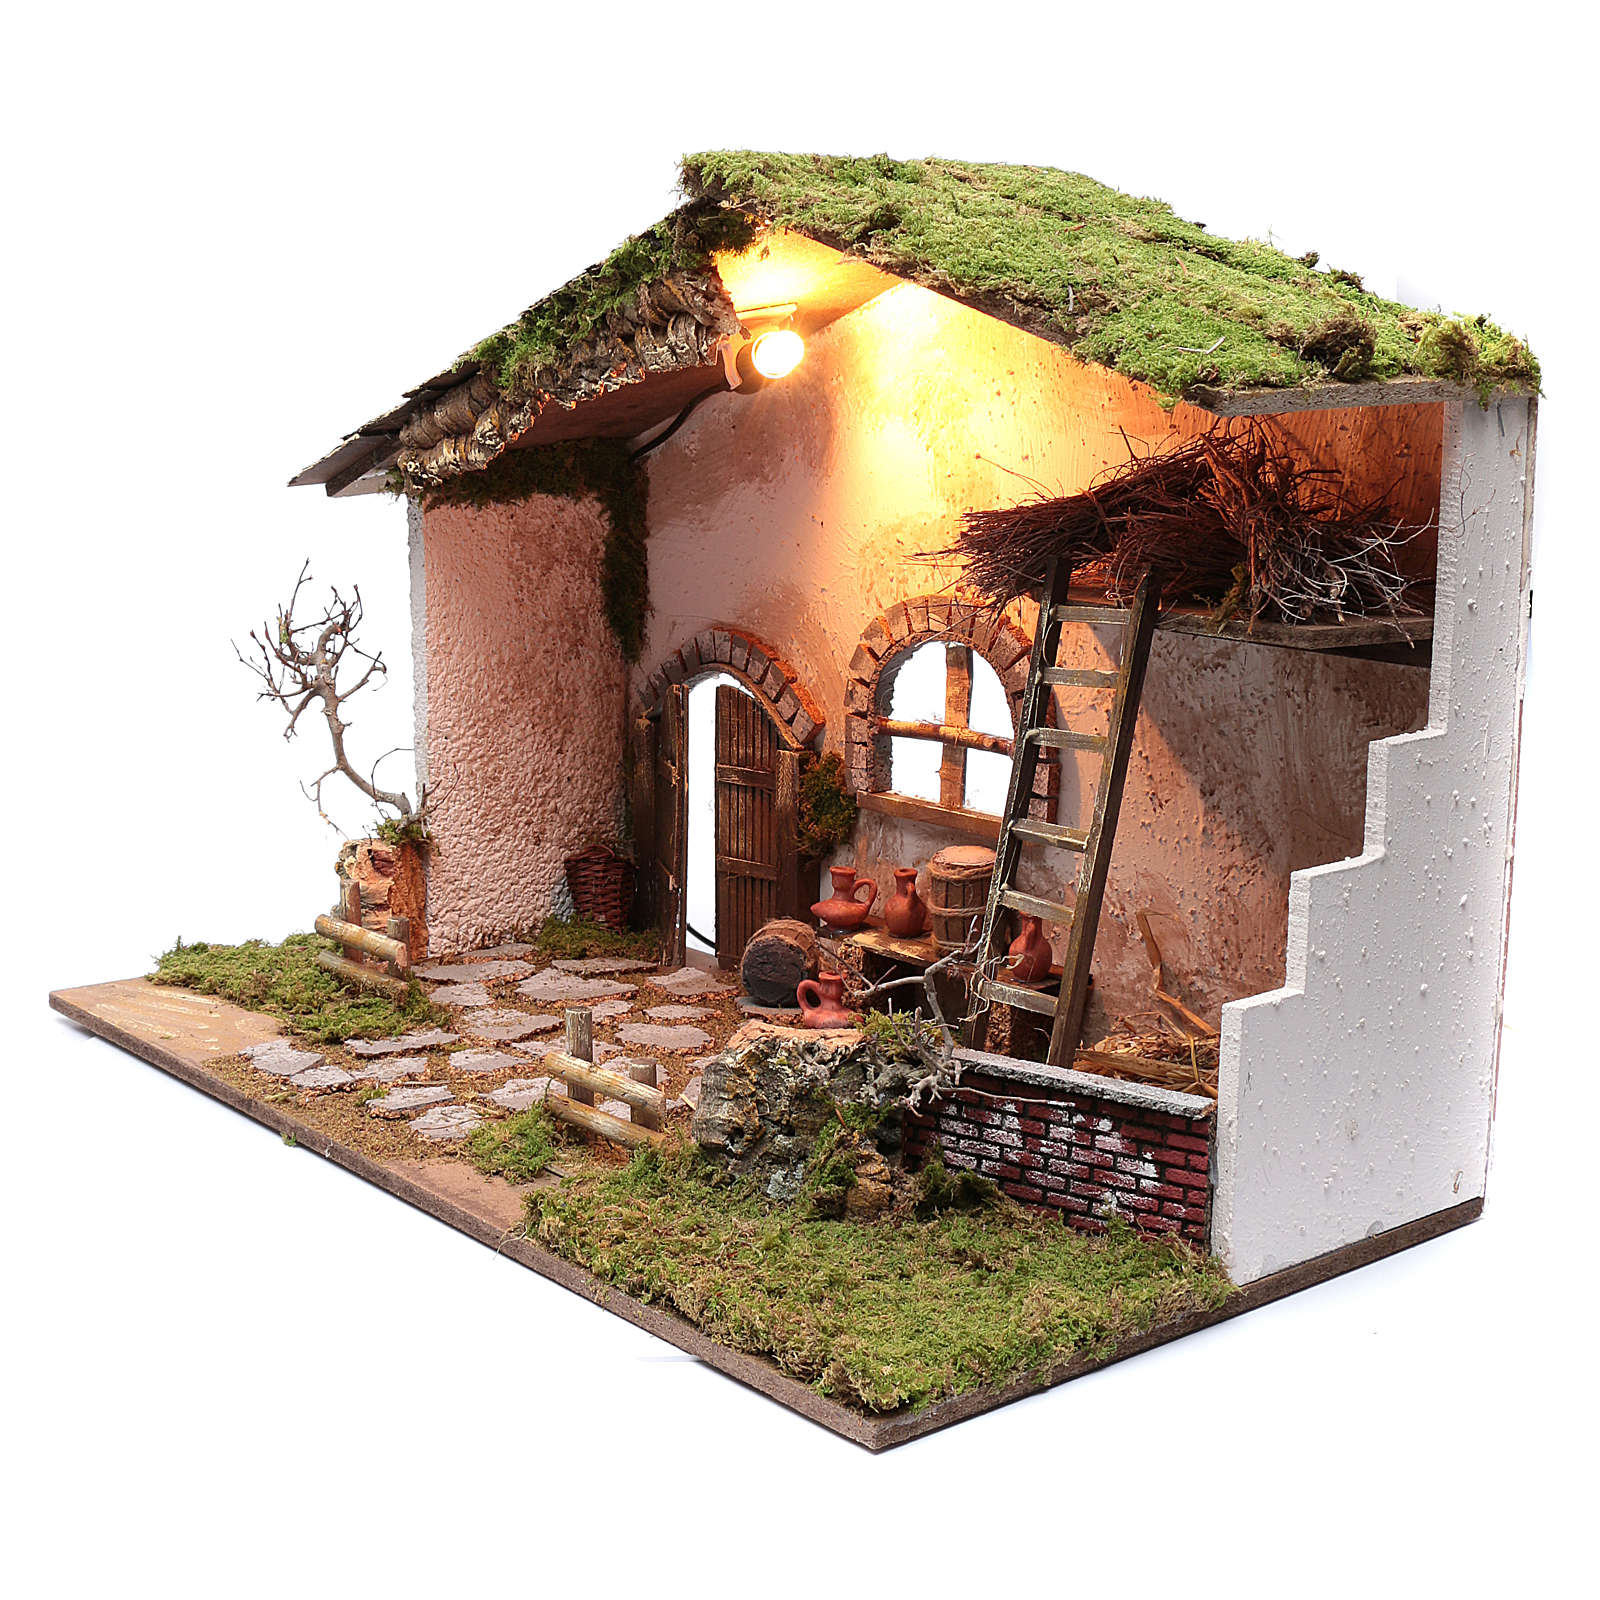 Cabane pour crèche 50x75x45 cm éclairage escalier et tonneaux 4